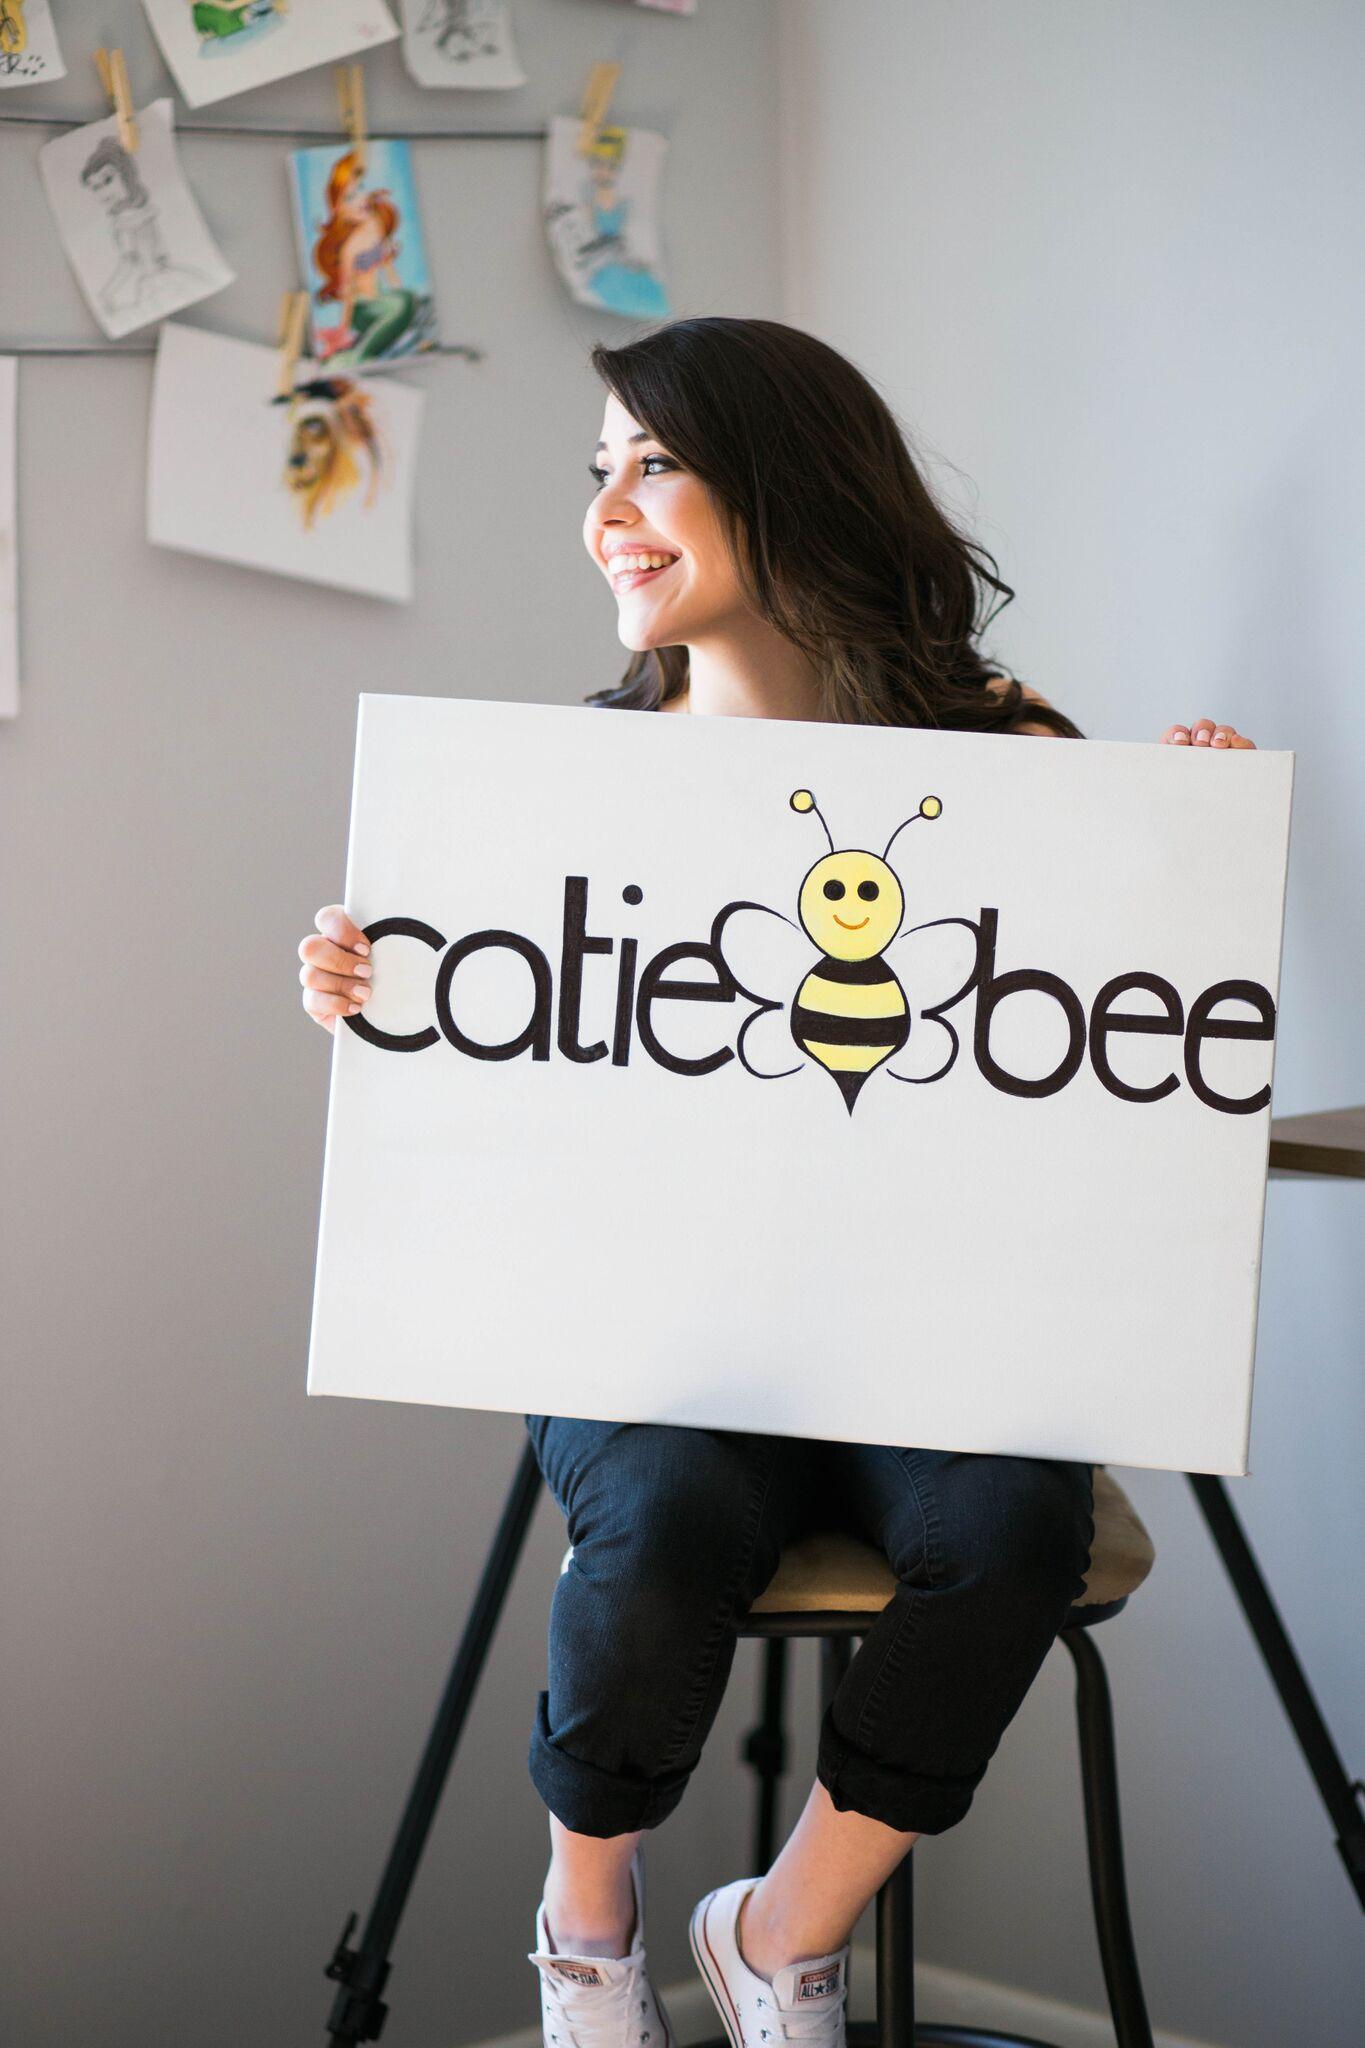 catiebee